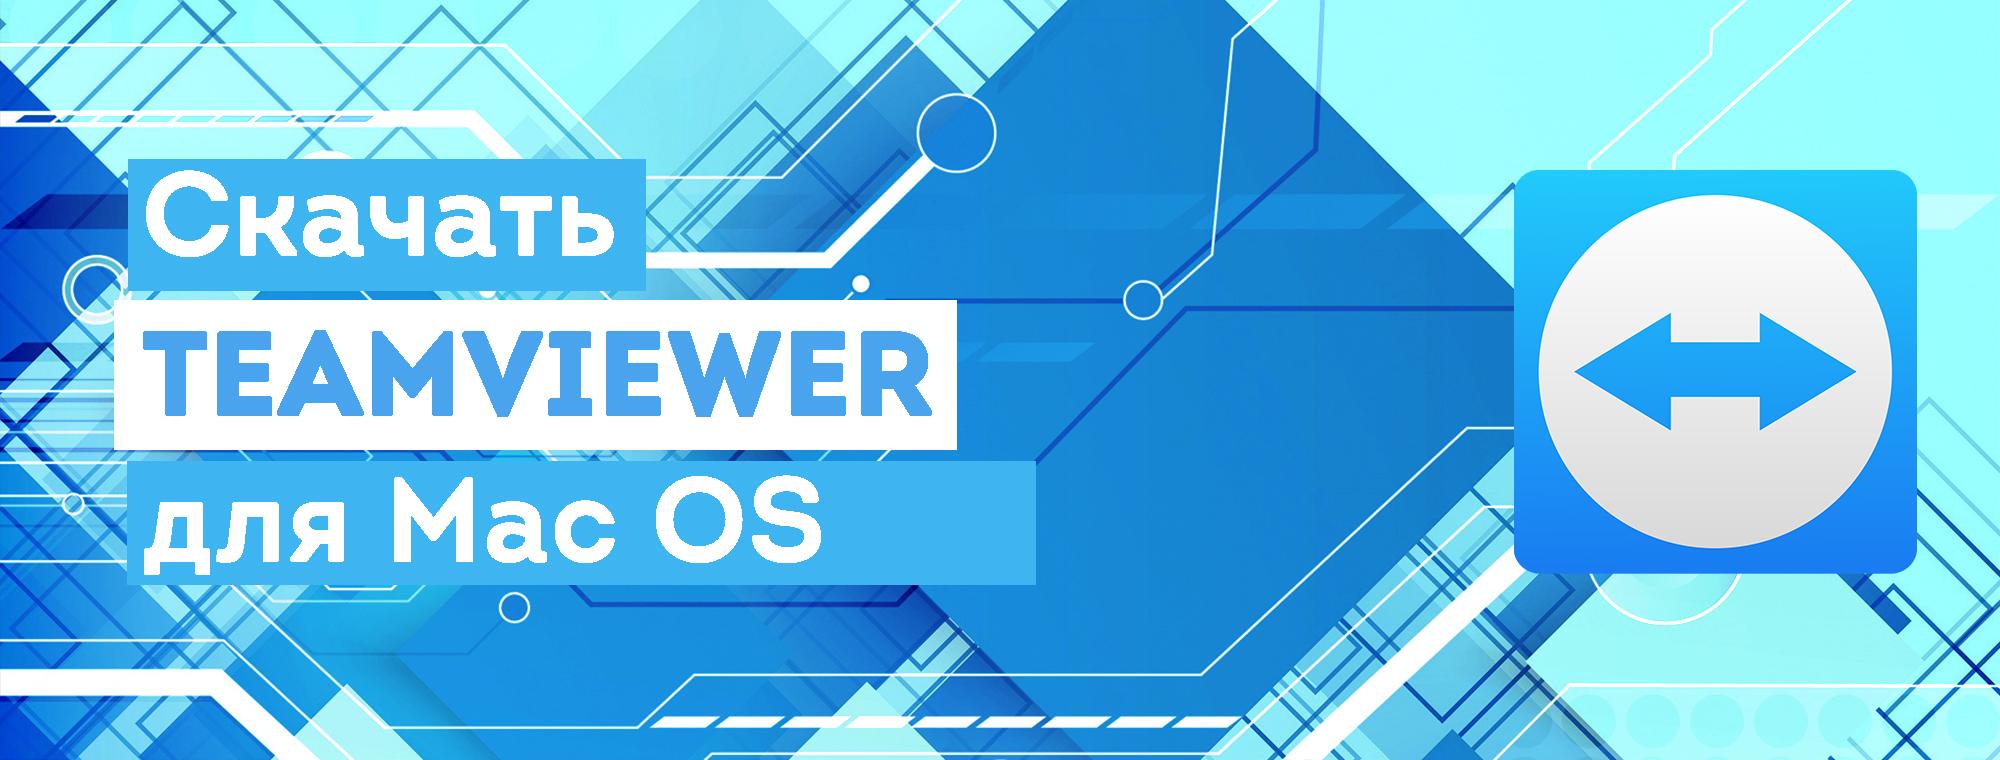 Скачать Teamviewer для MAC OS